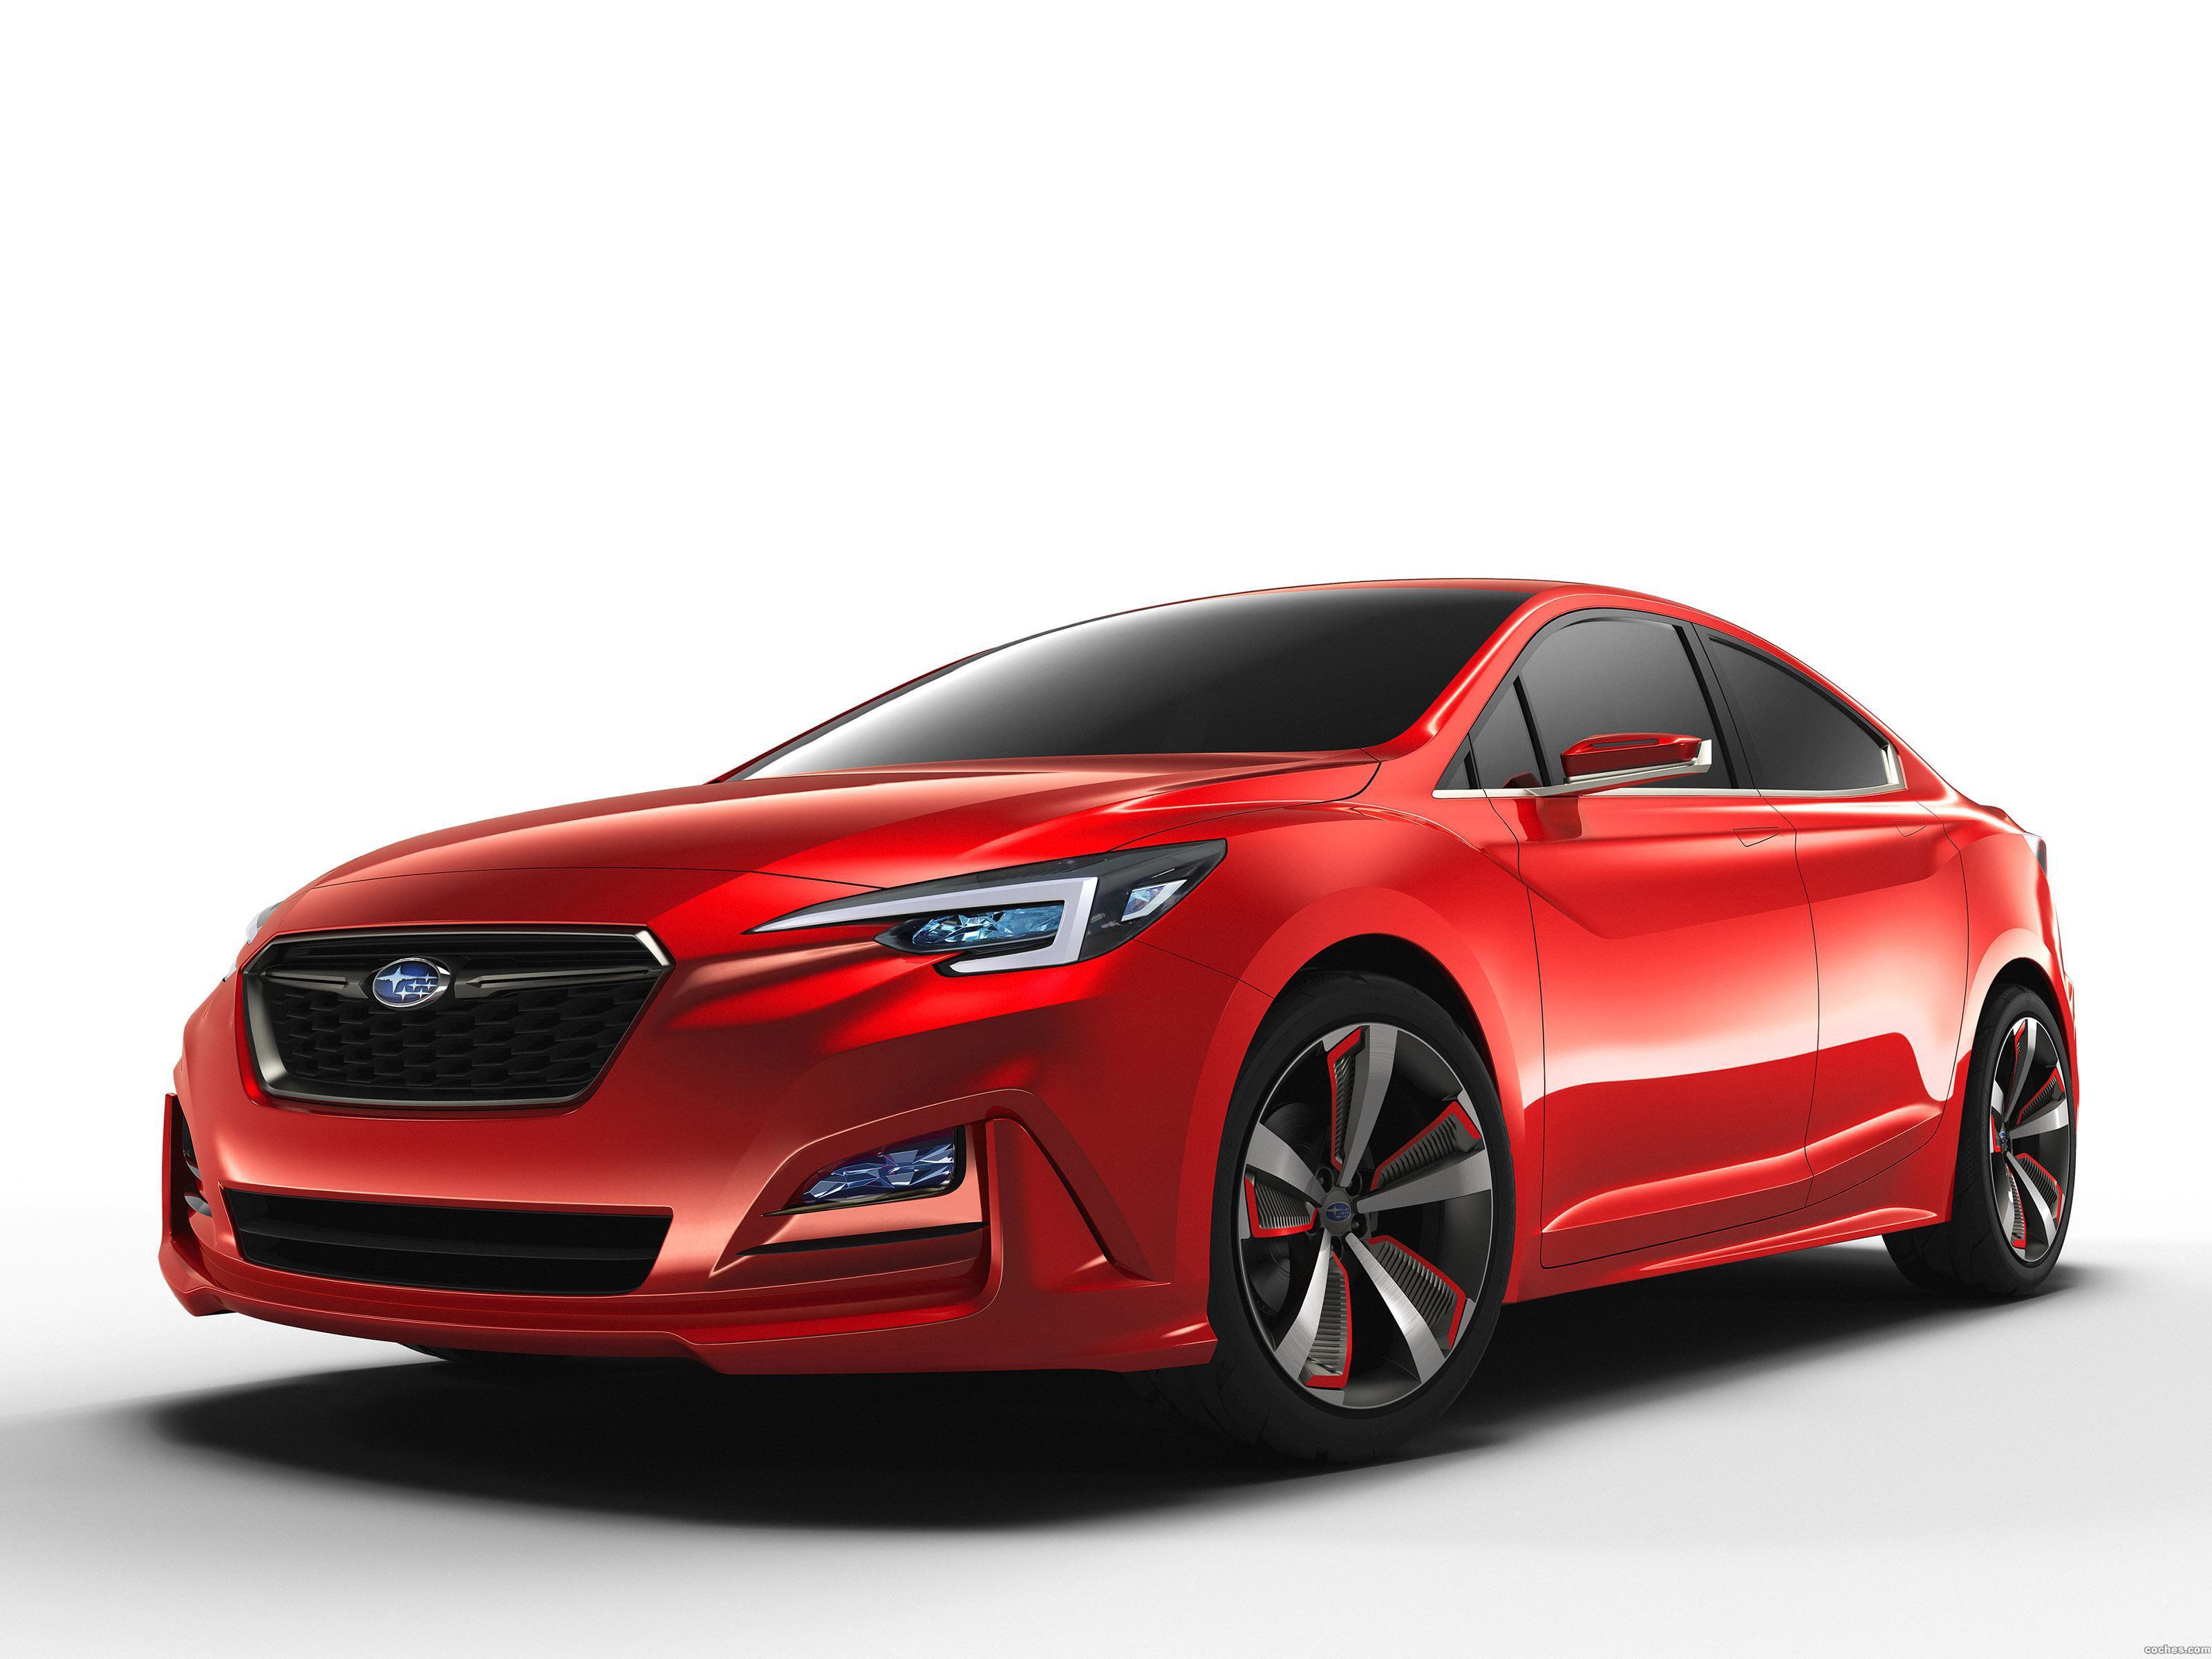 subaru_impreza-sedan-concept-2015_r7.jpg